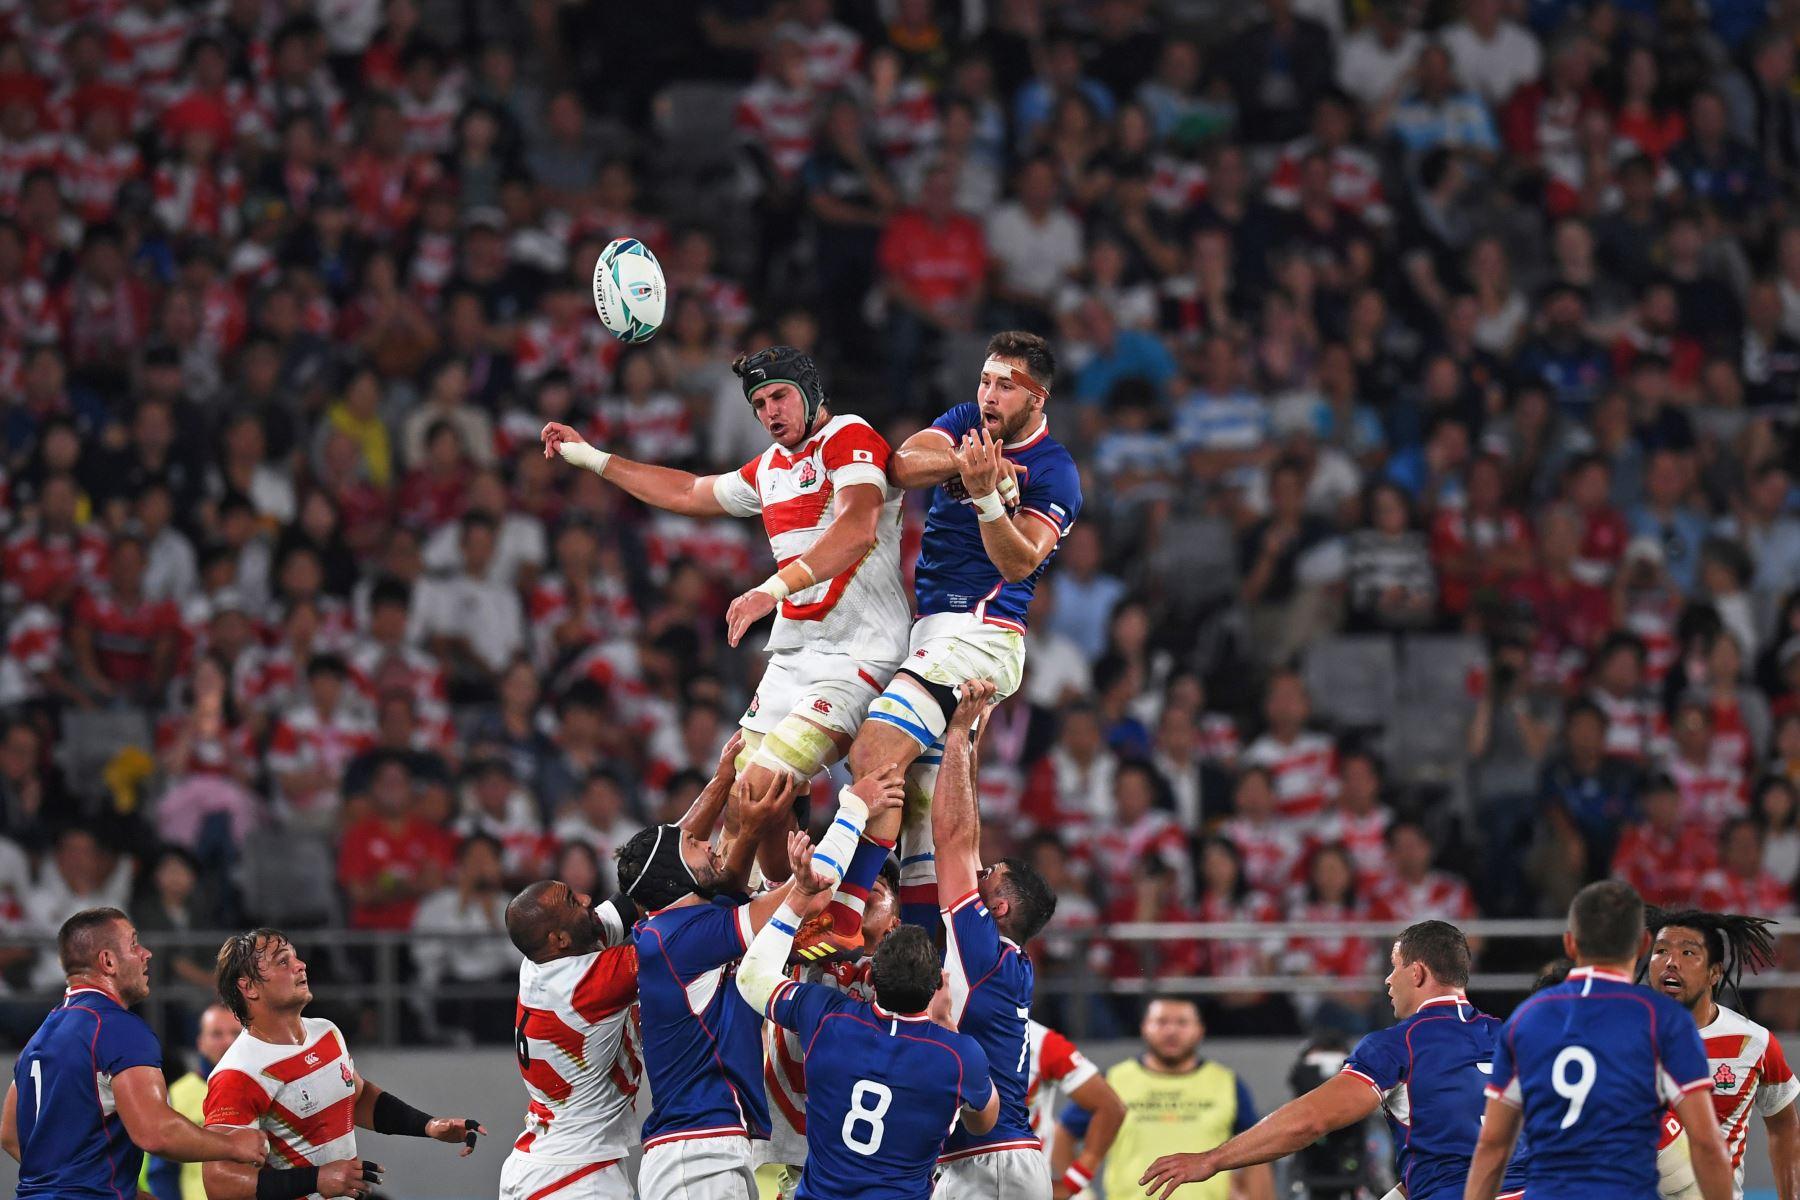 James Moore de Japón  y el flanco de Rusia, Vitaly Zhivatov, saltan por la pelota en línea durante el partido de la Copa Mundial de Rugby entre Japón y Rusia en el Estadio de Tokio. Foto: AFP